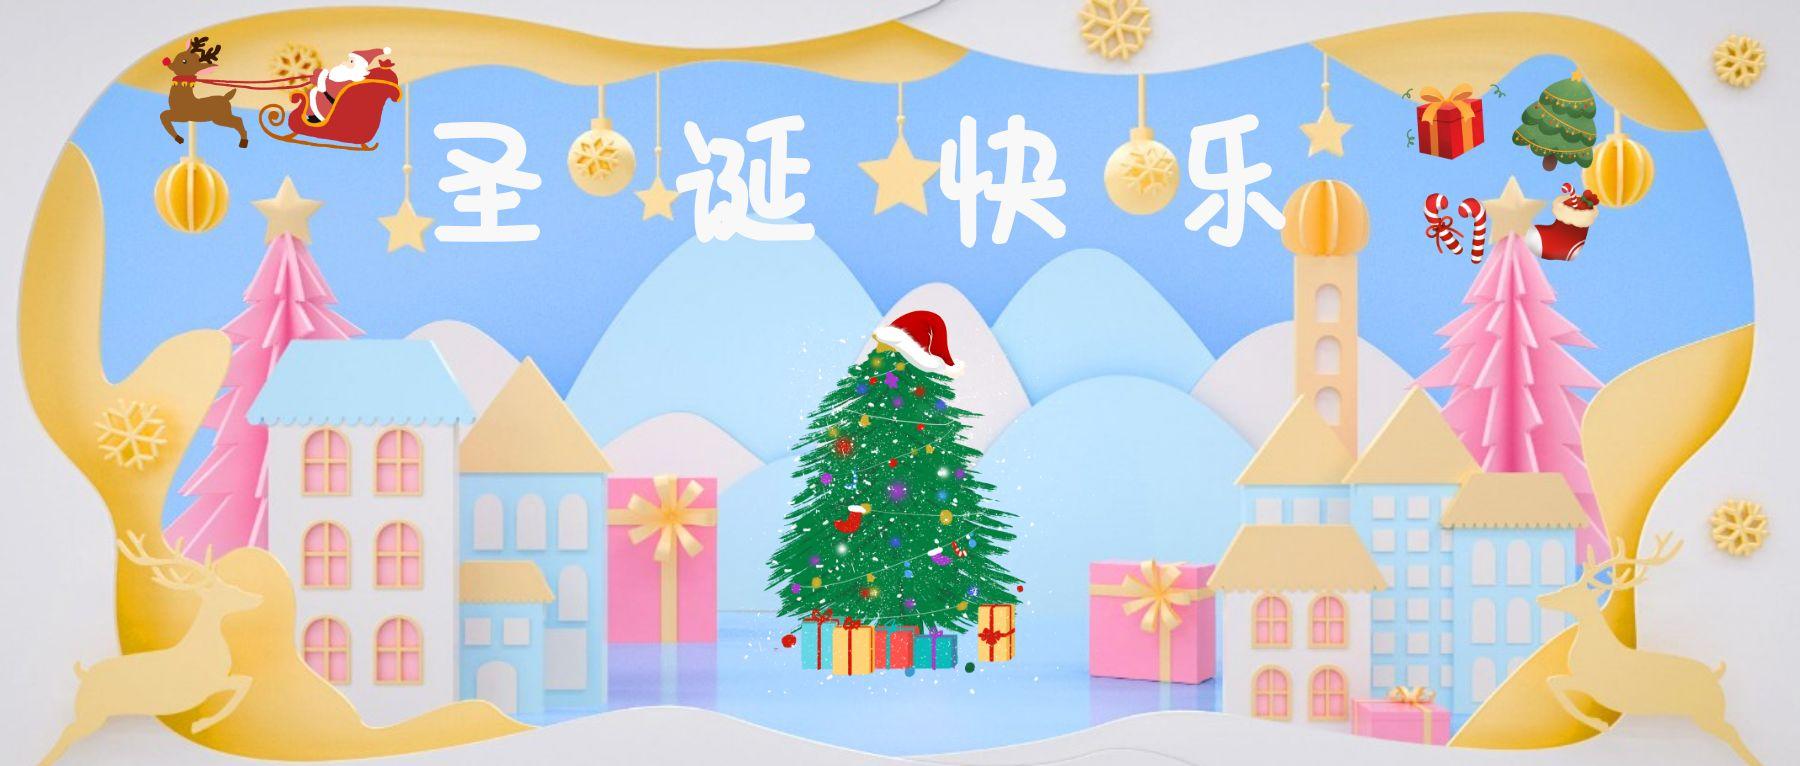 温馨卡通圣诞节微信公众号大图